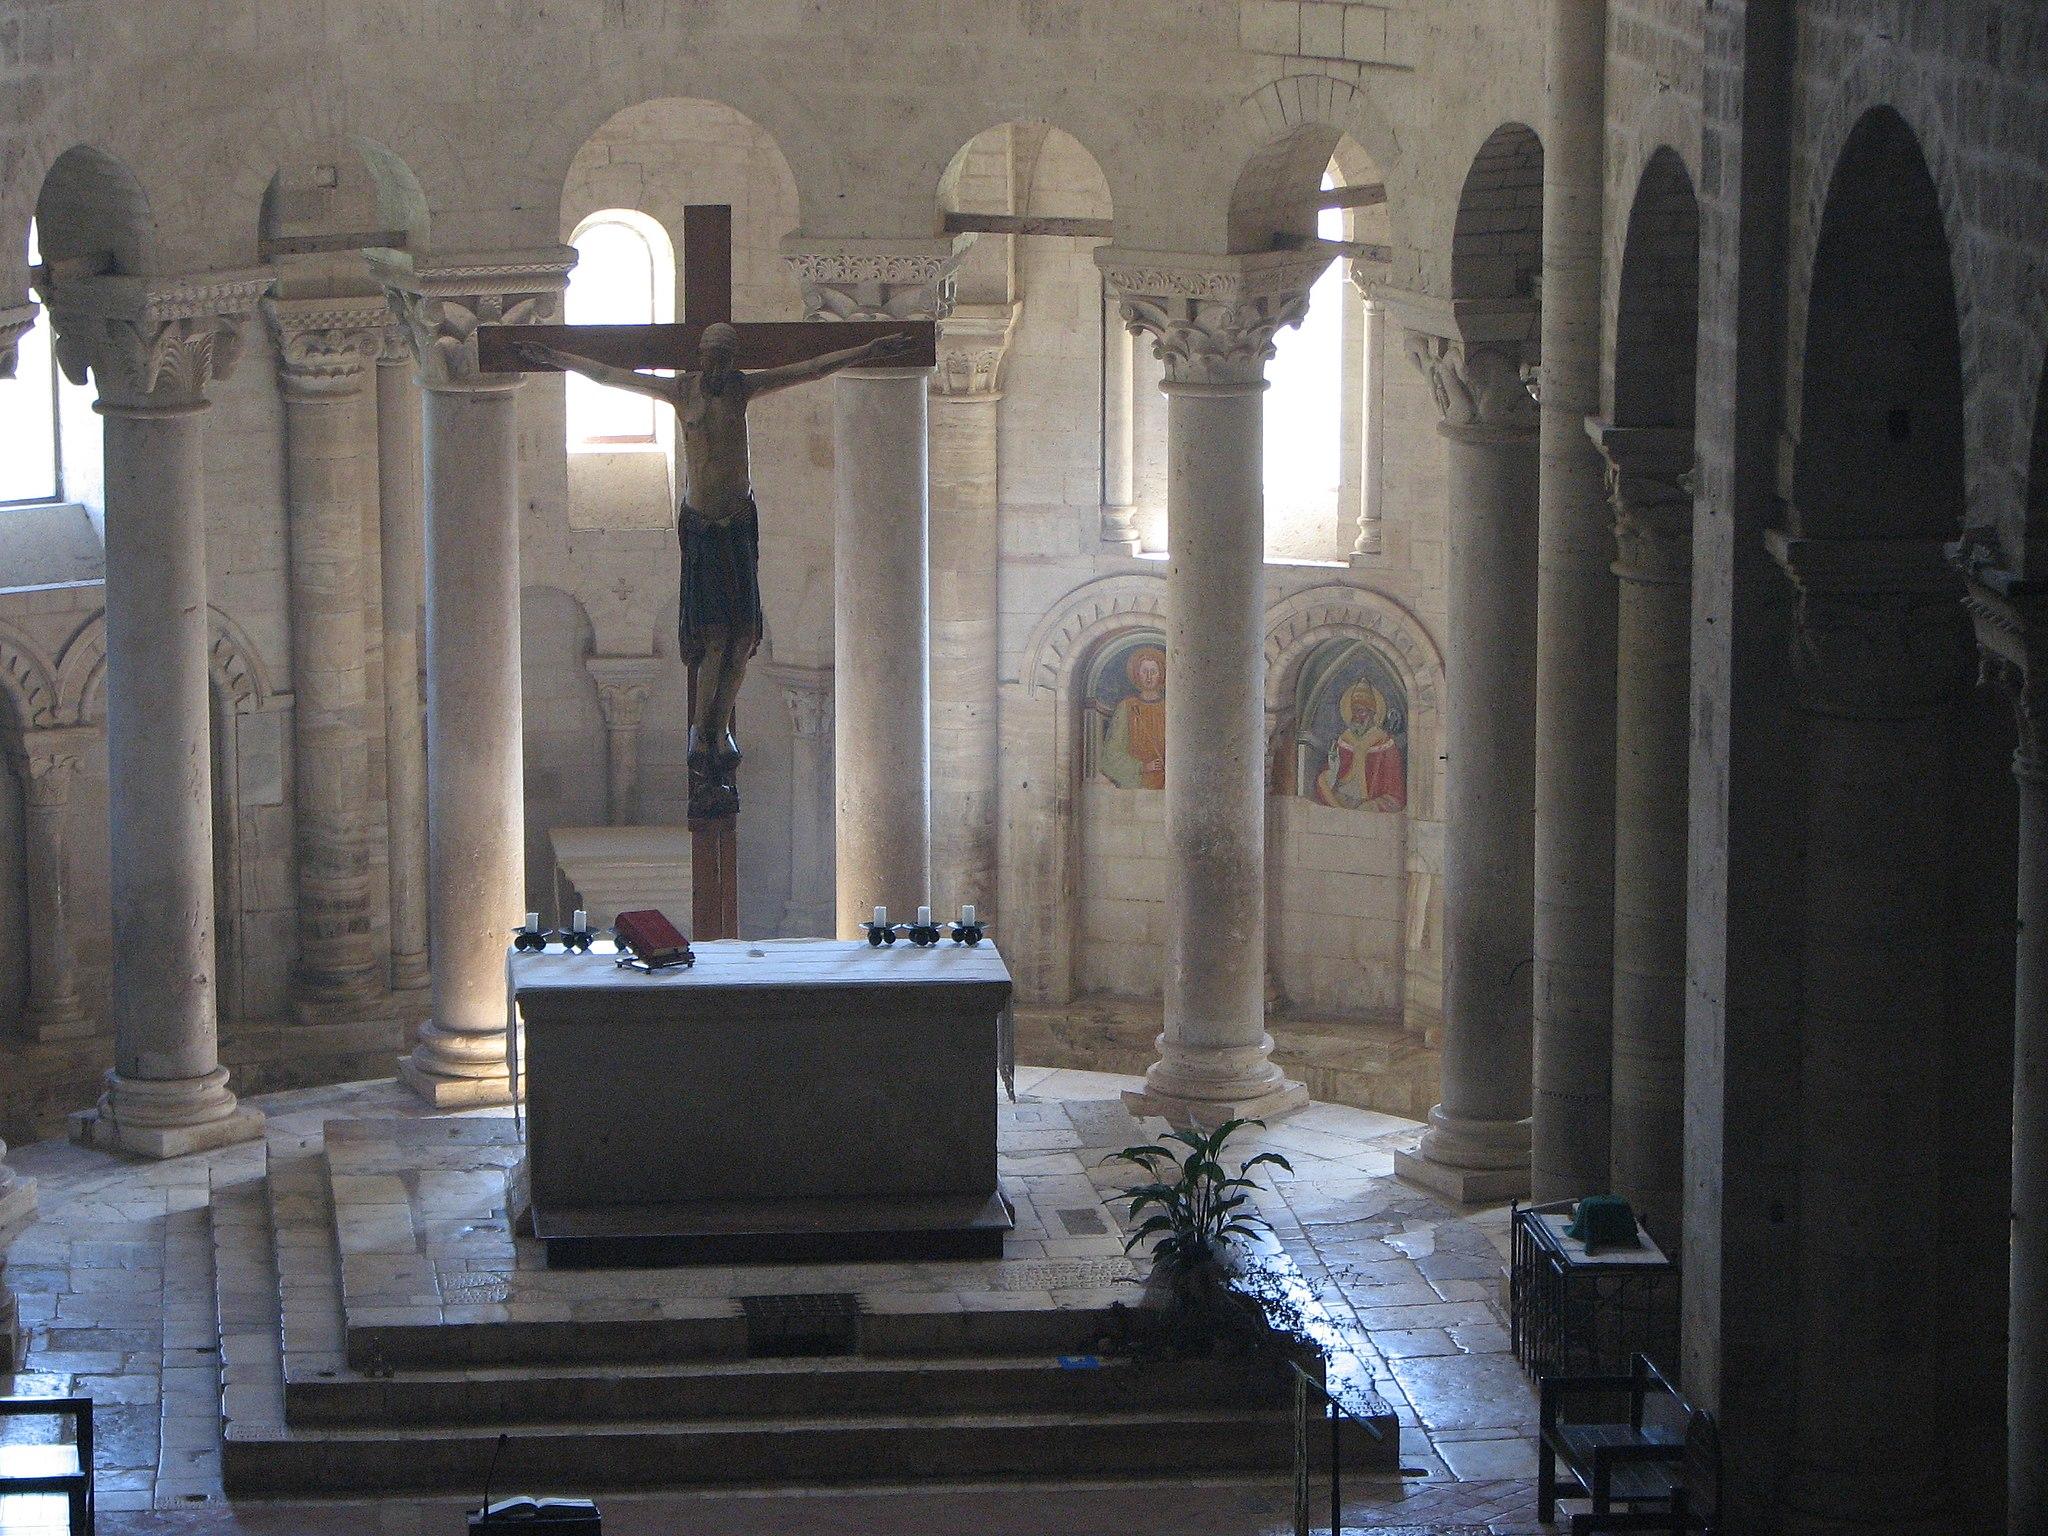 Abbazia di Sant'Antimo - 52 - L'altare maggiore e il crocifisso visti dal matroneo